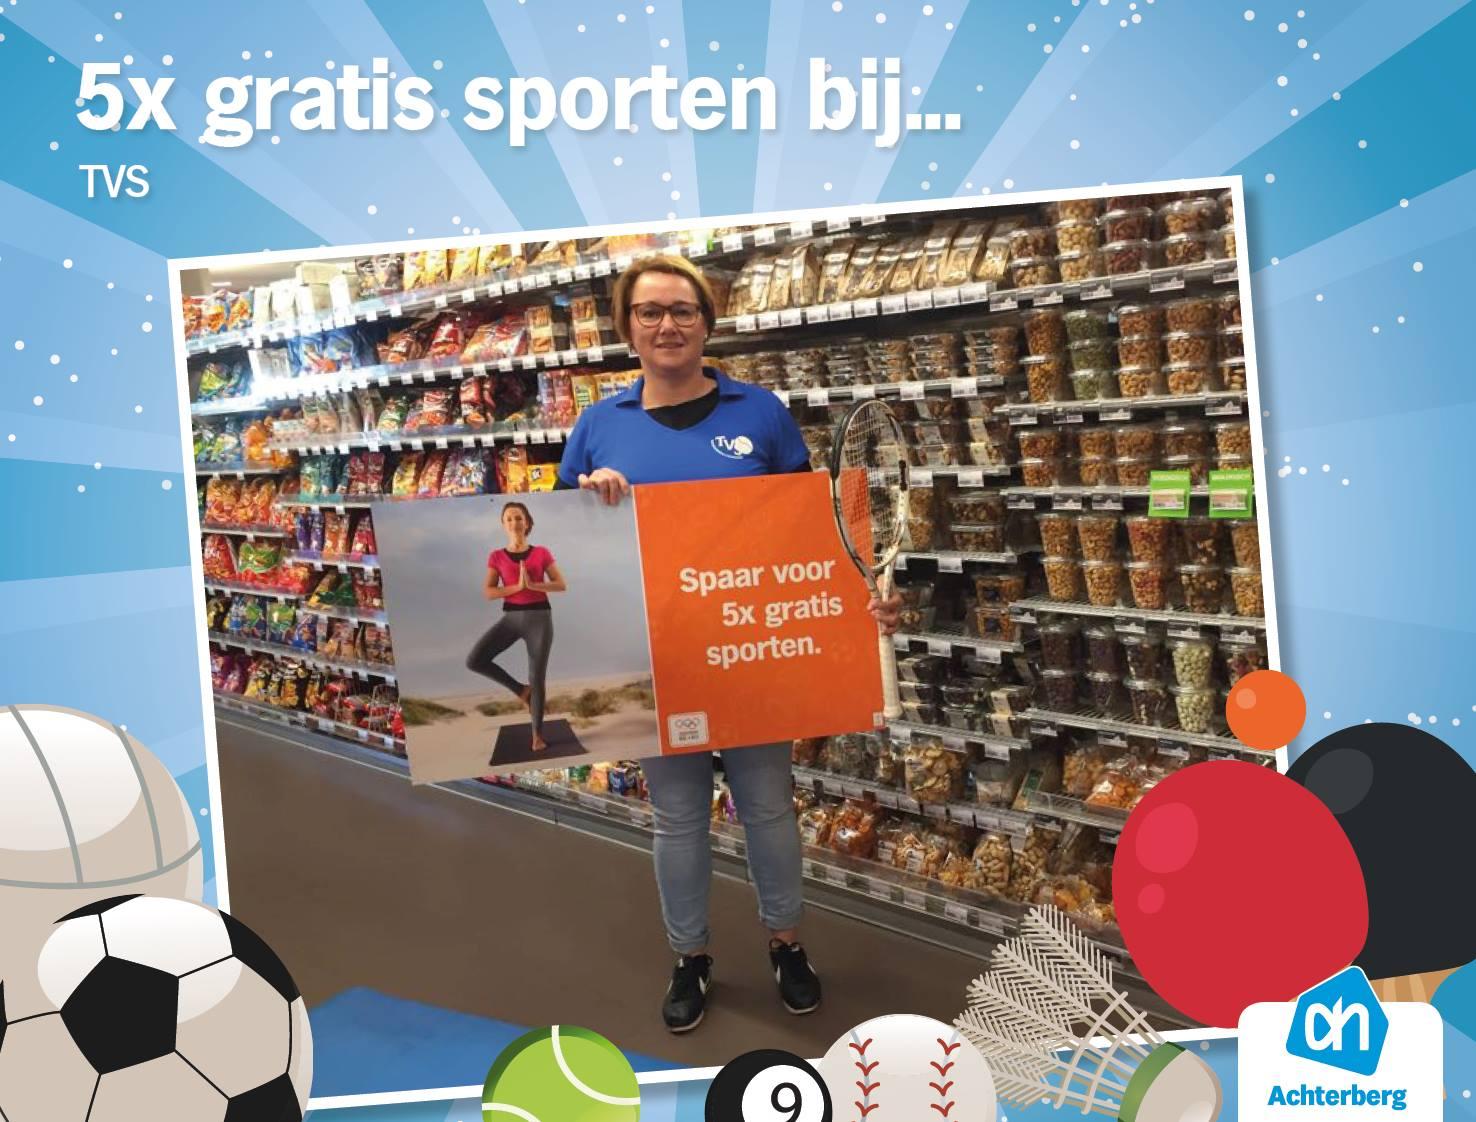 U kunt ook sparen voor sporten bij Tennisvereniging Steenbergen!